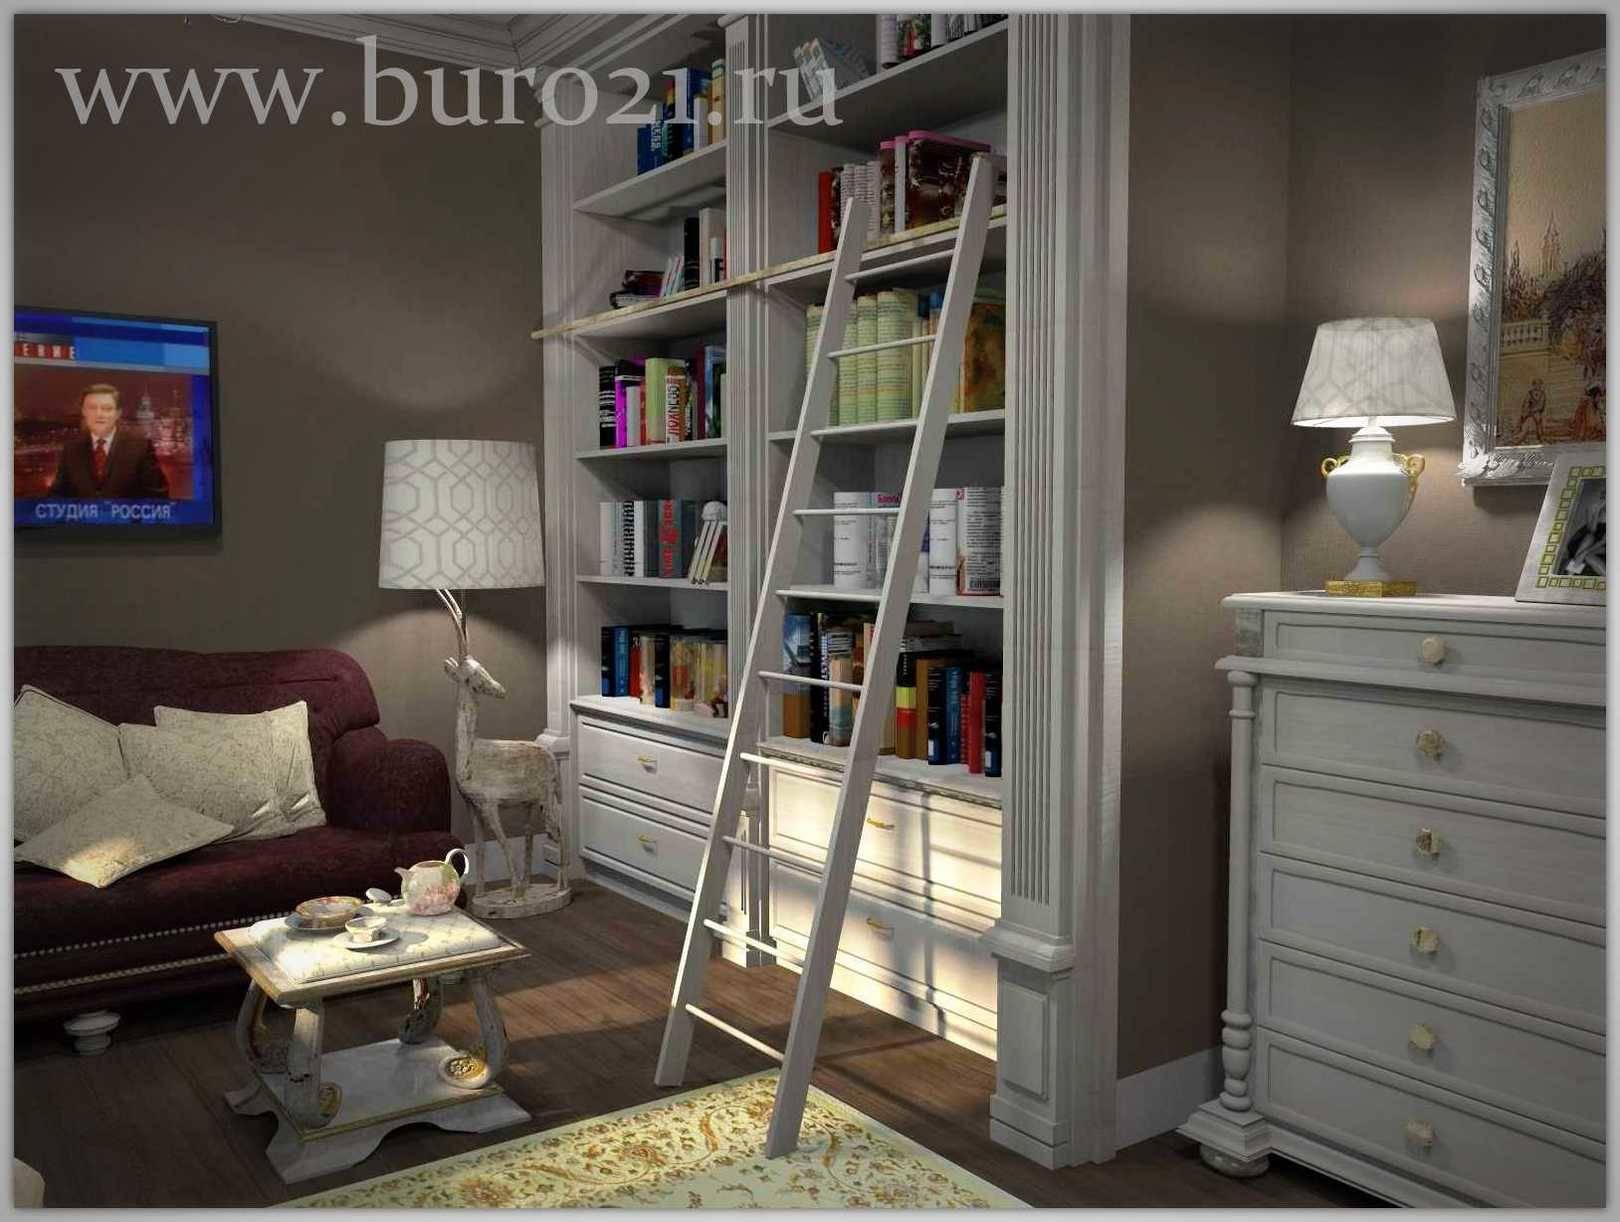 Домашний кабинет для руководителя